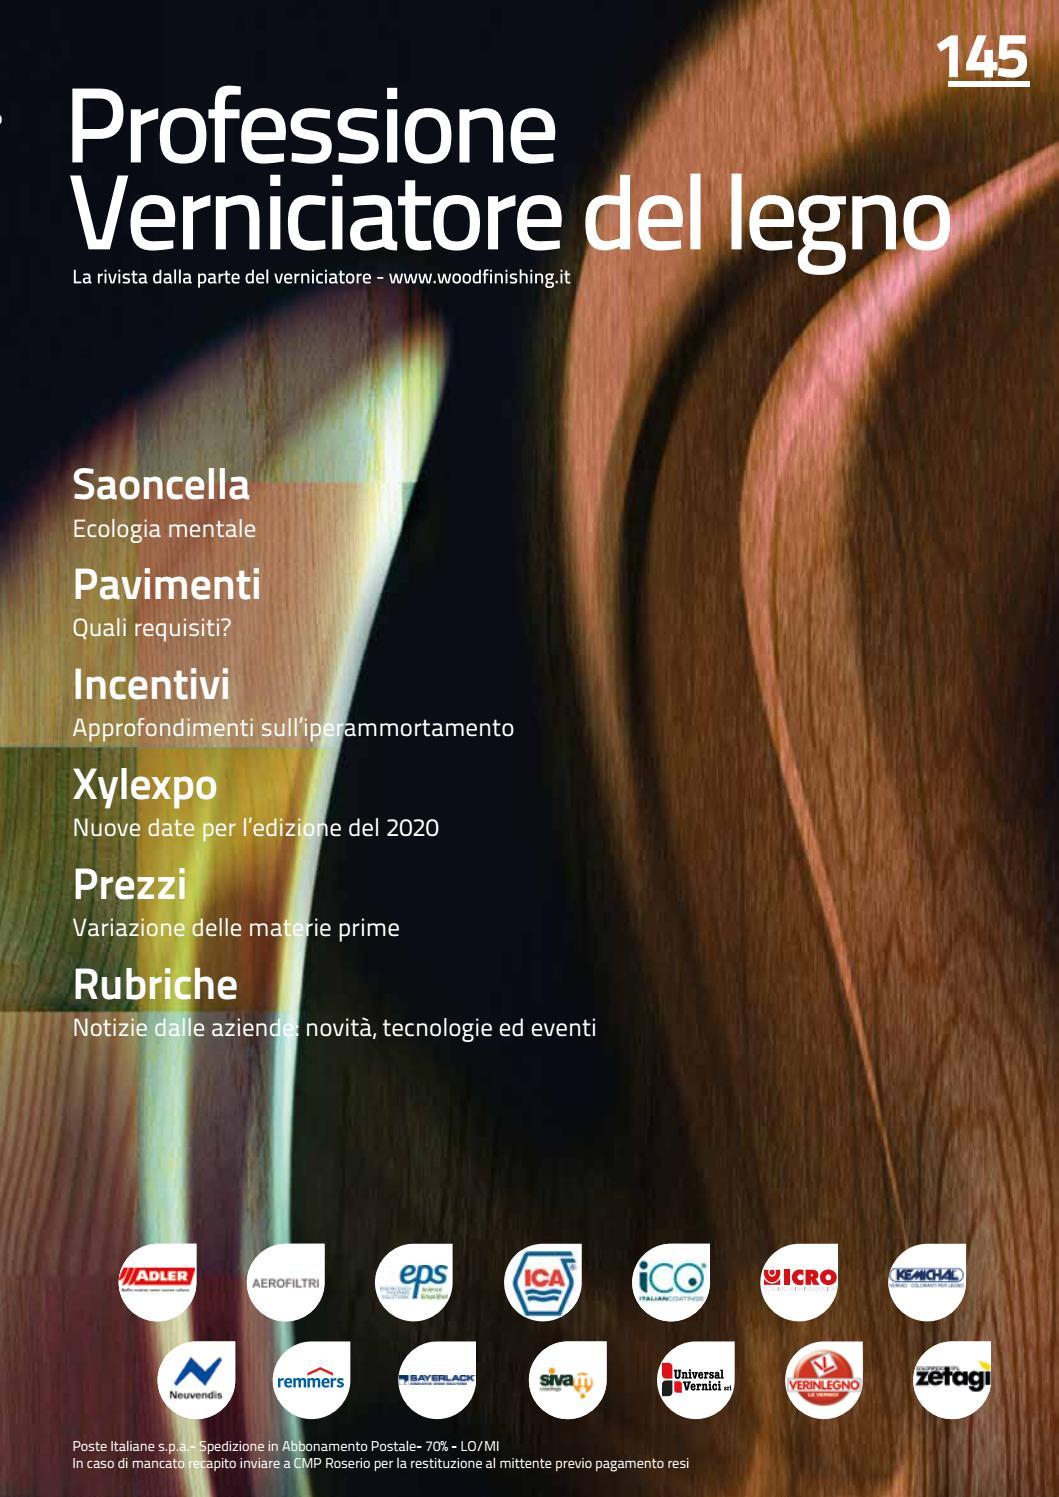 Calendario Taglio Legna 2020.Professione Verniciatore Del Legno 145 Gennaio 2019 By